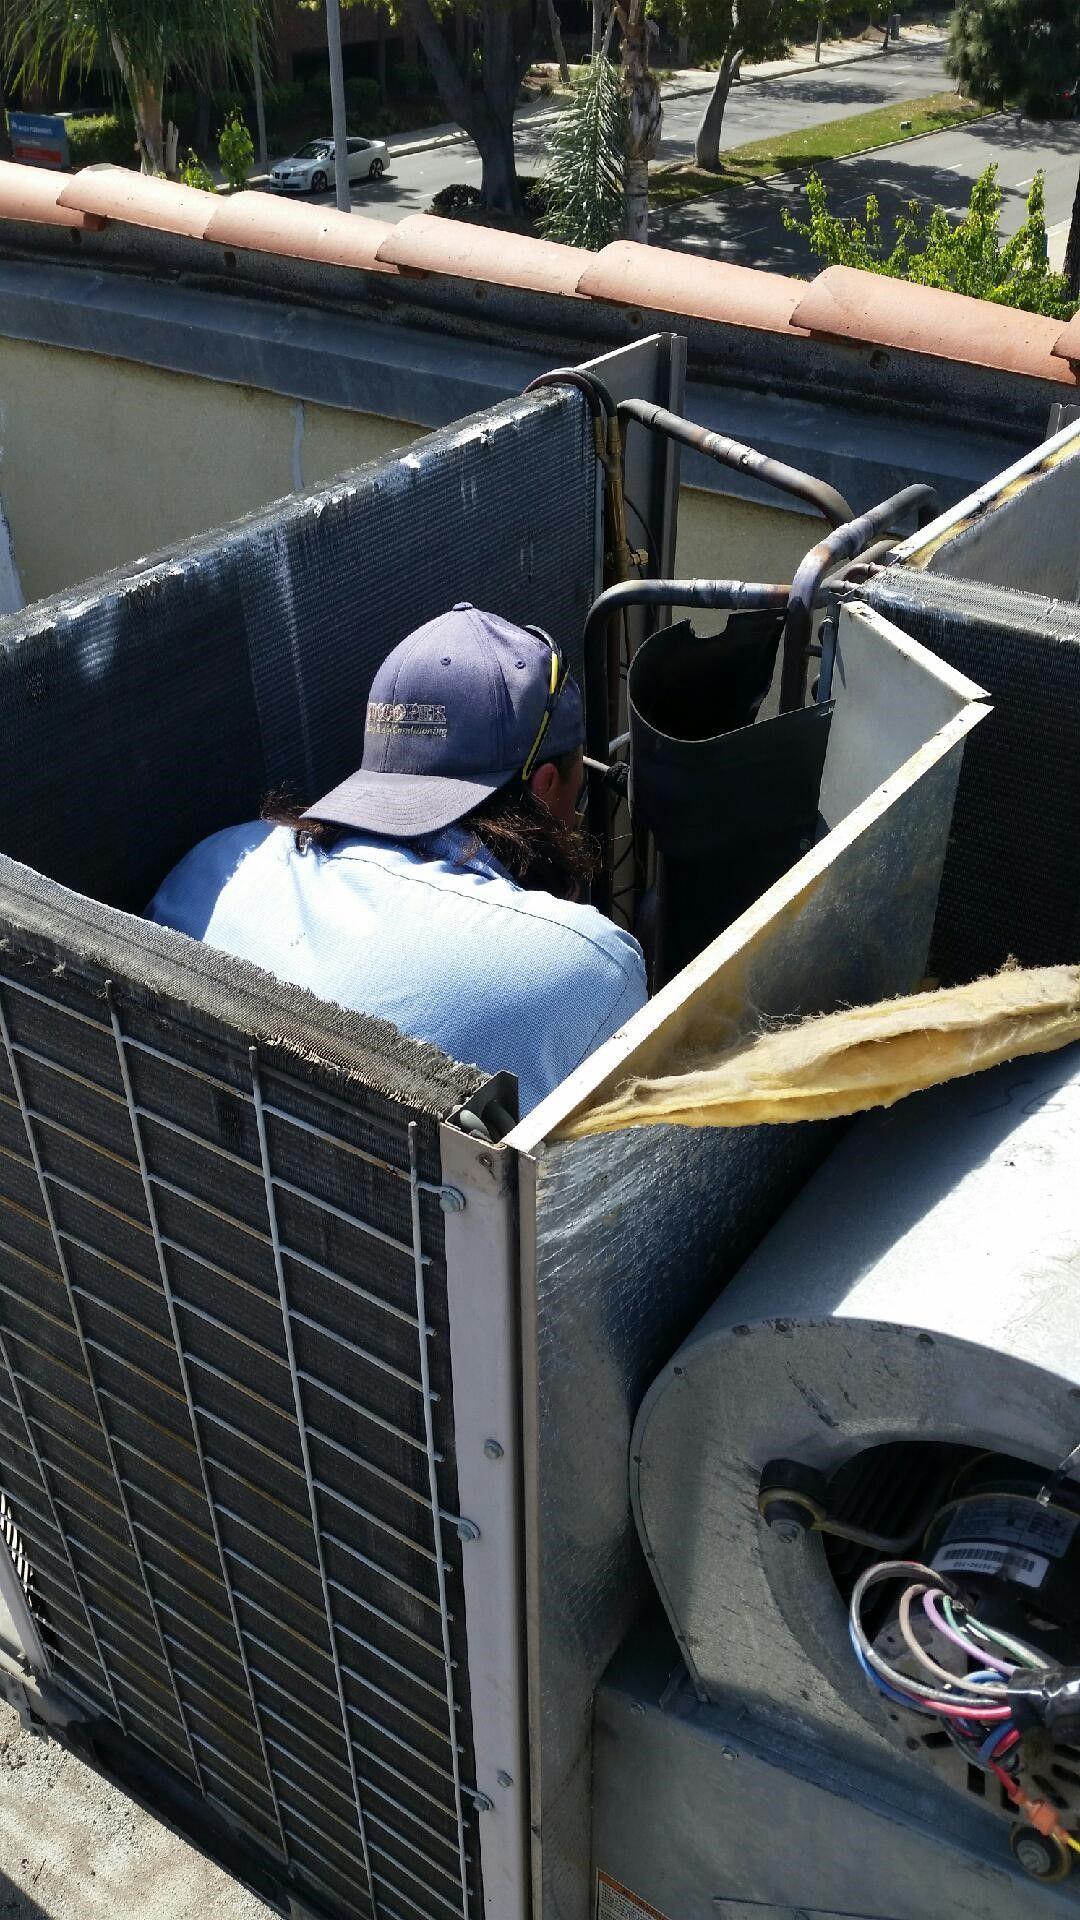 Corey inside a package unit, welding a leak in the copper